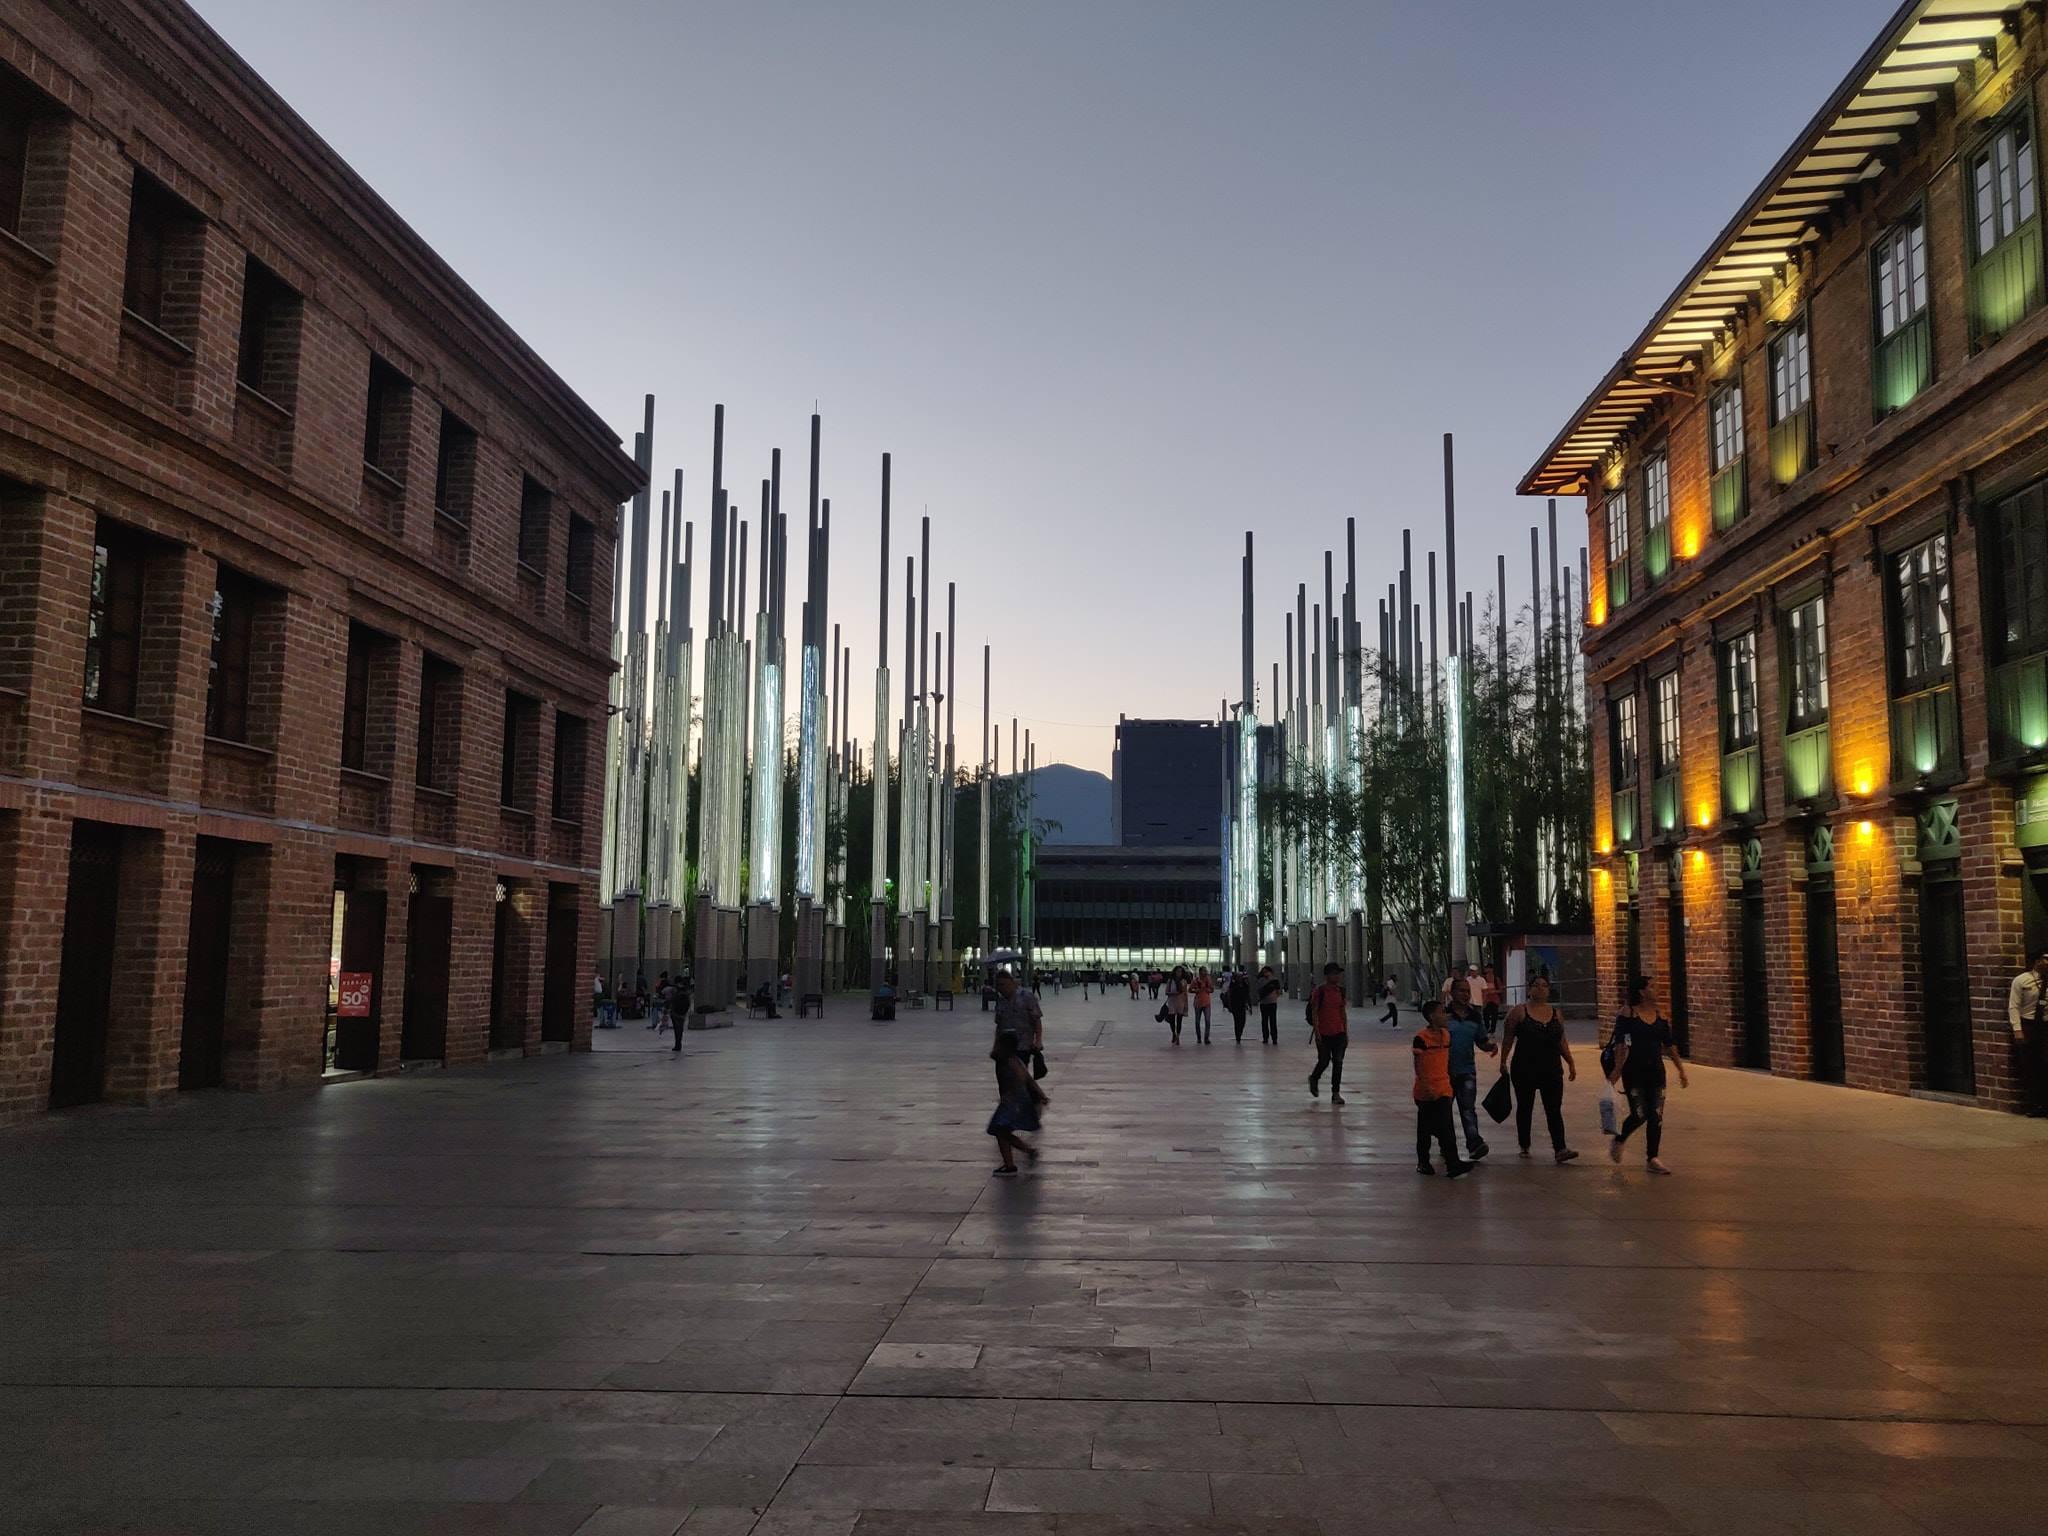 Plaza de las luces, dedicata a tutte le vittime del terrorismo e del periodo buio di Medellin